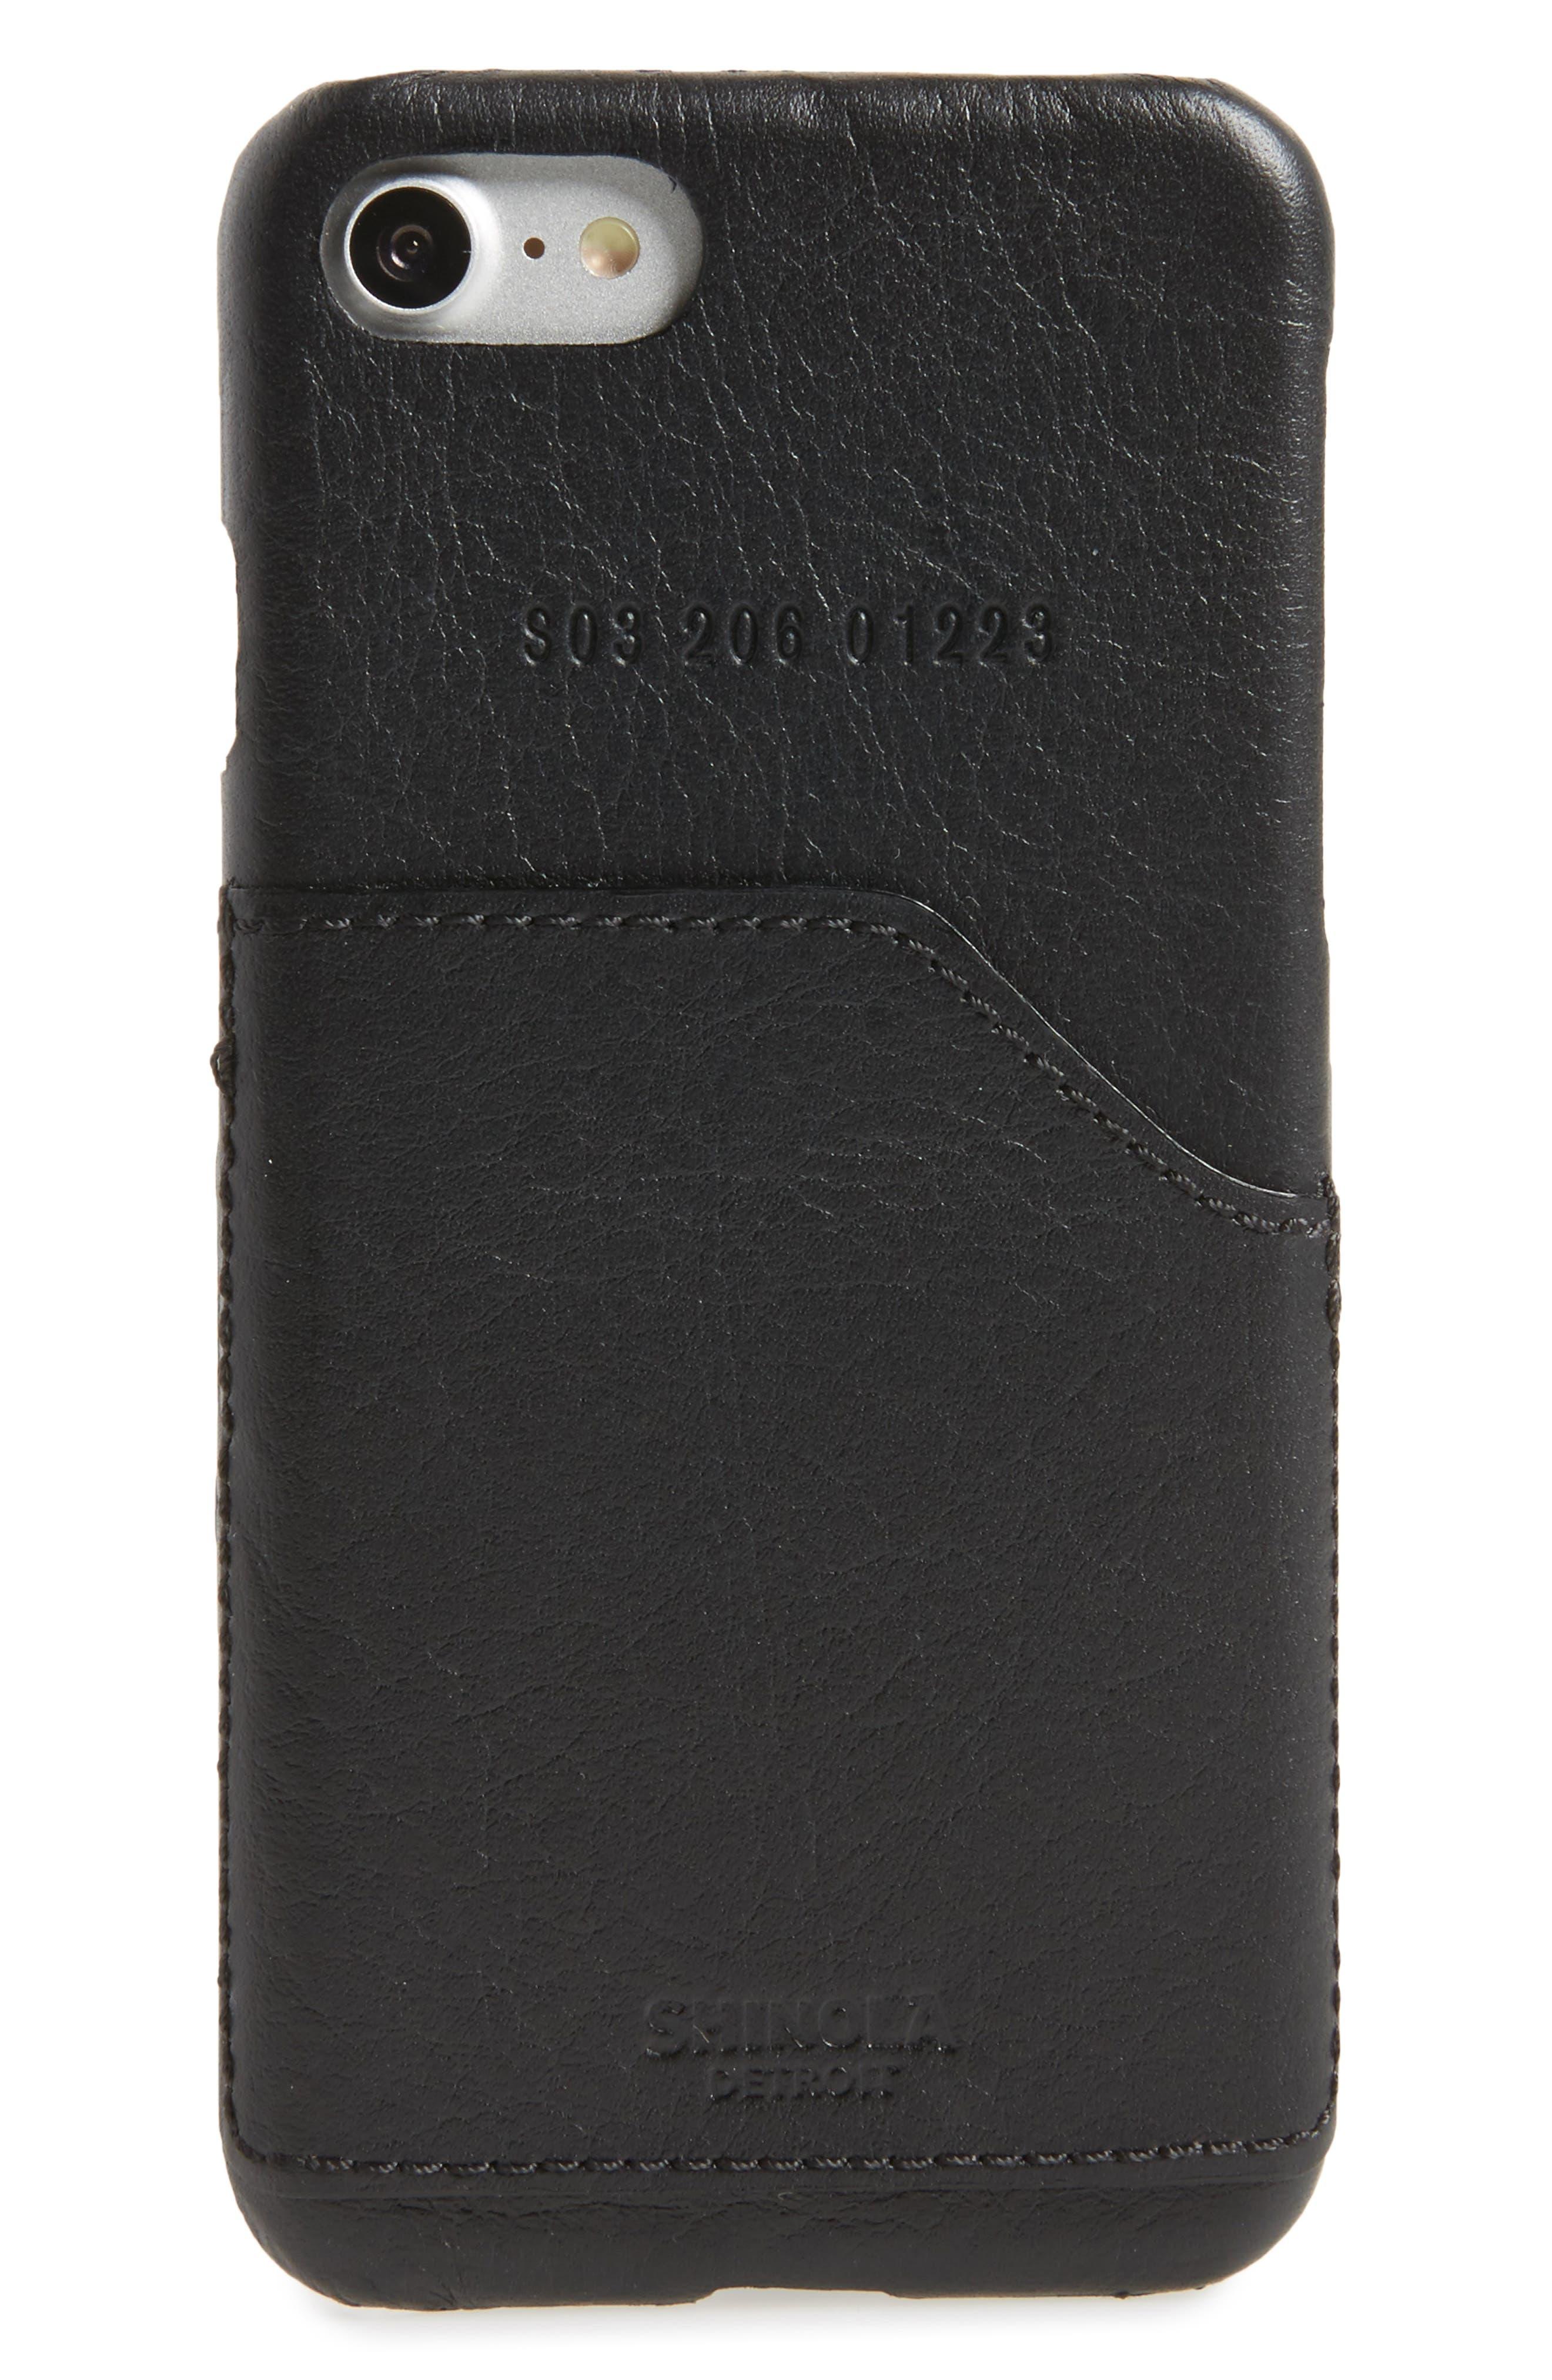 Shinola iPhone 7 Leather Case with Pocket